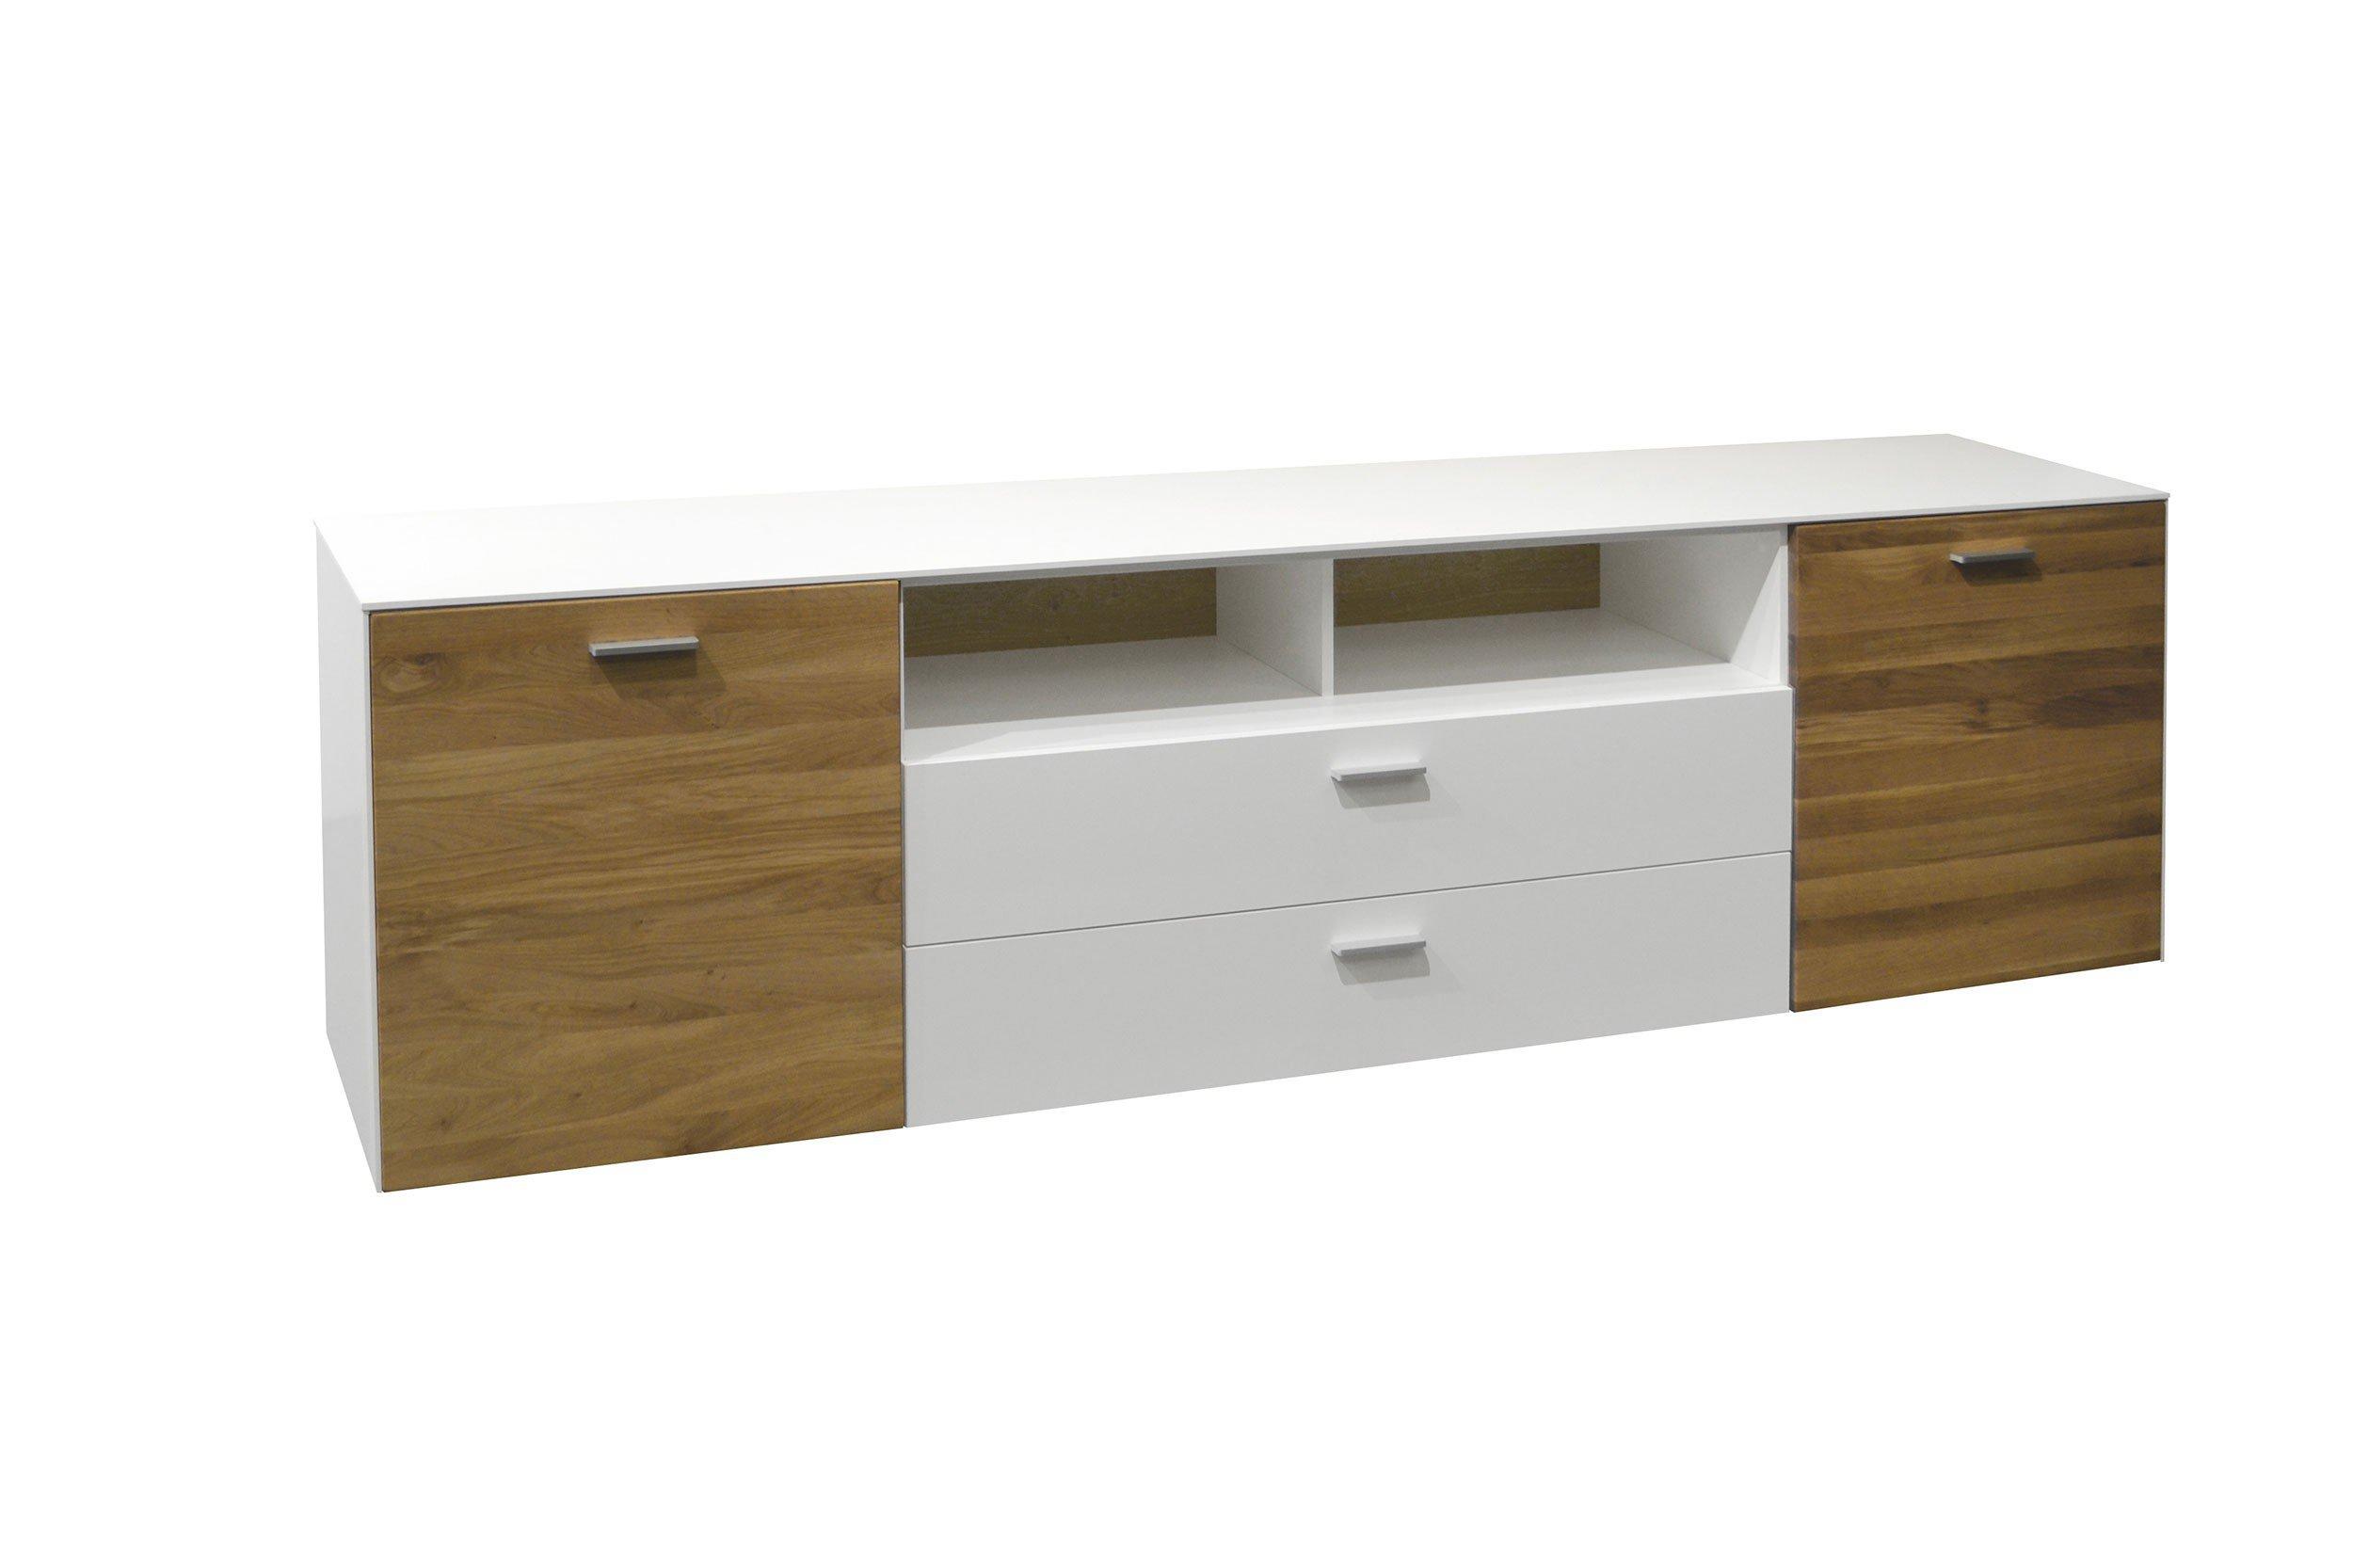 tv unterteil arizona wei matt wildeiche von m usbacher m bel letz ihr online shop. Black Bedroom Furniture Sets. Home Design Ideas